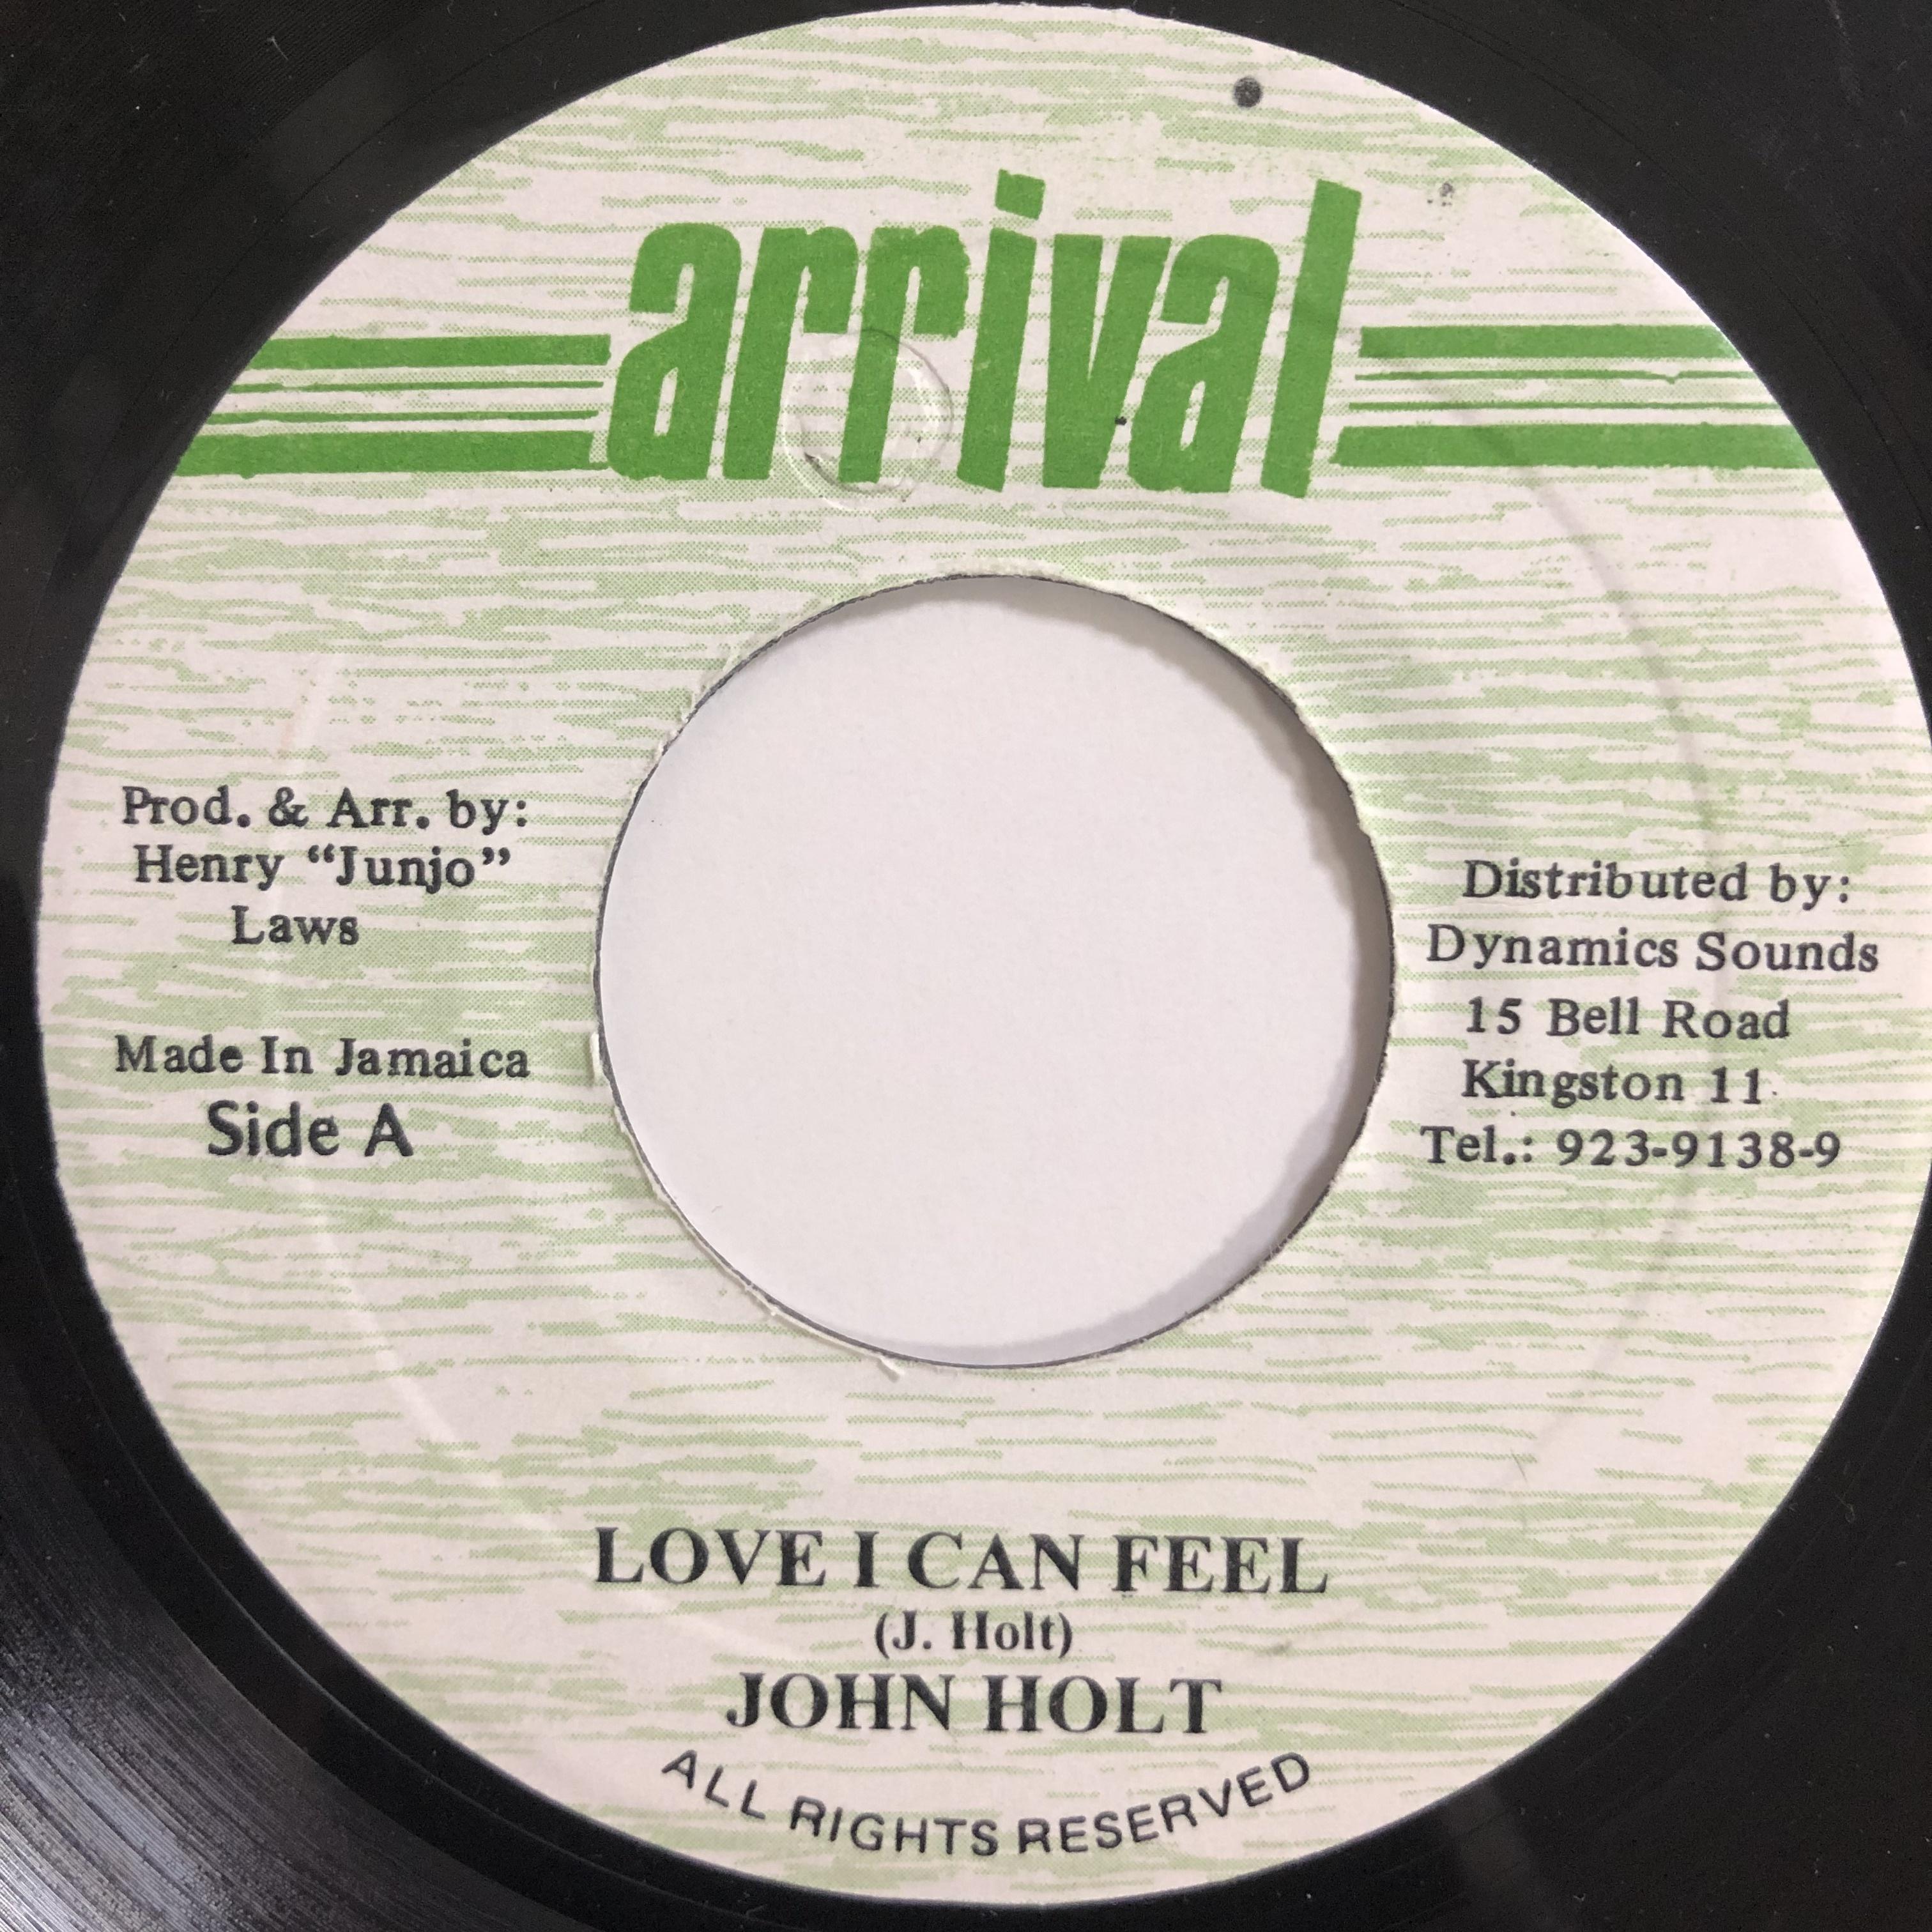 John Holt(ジョンホルト) - A Love I Can Feel【7-20227】